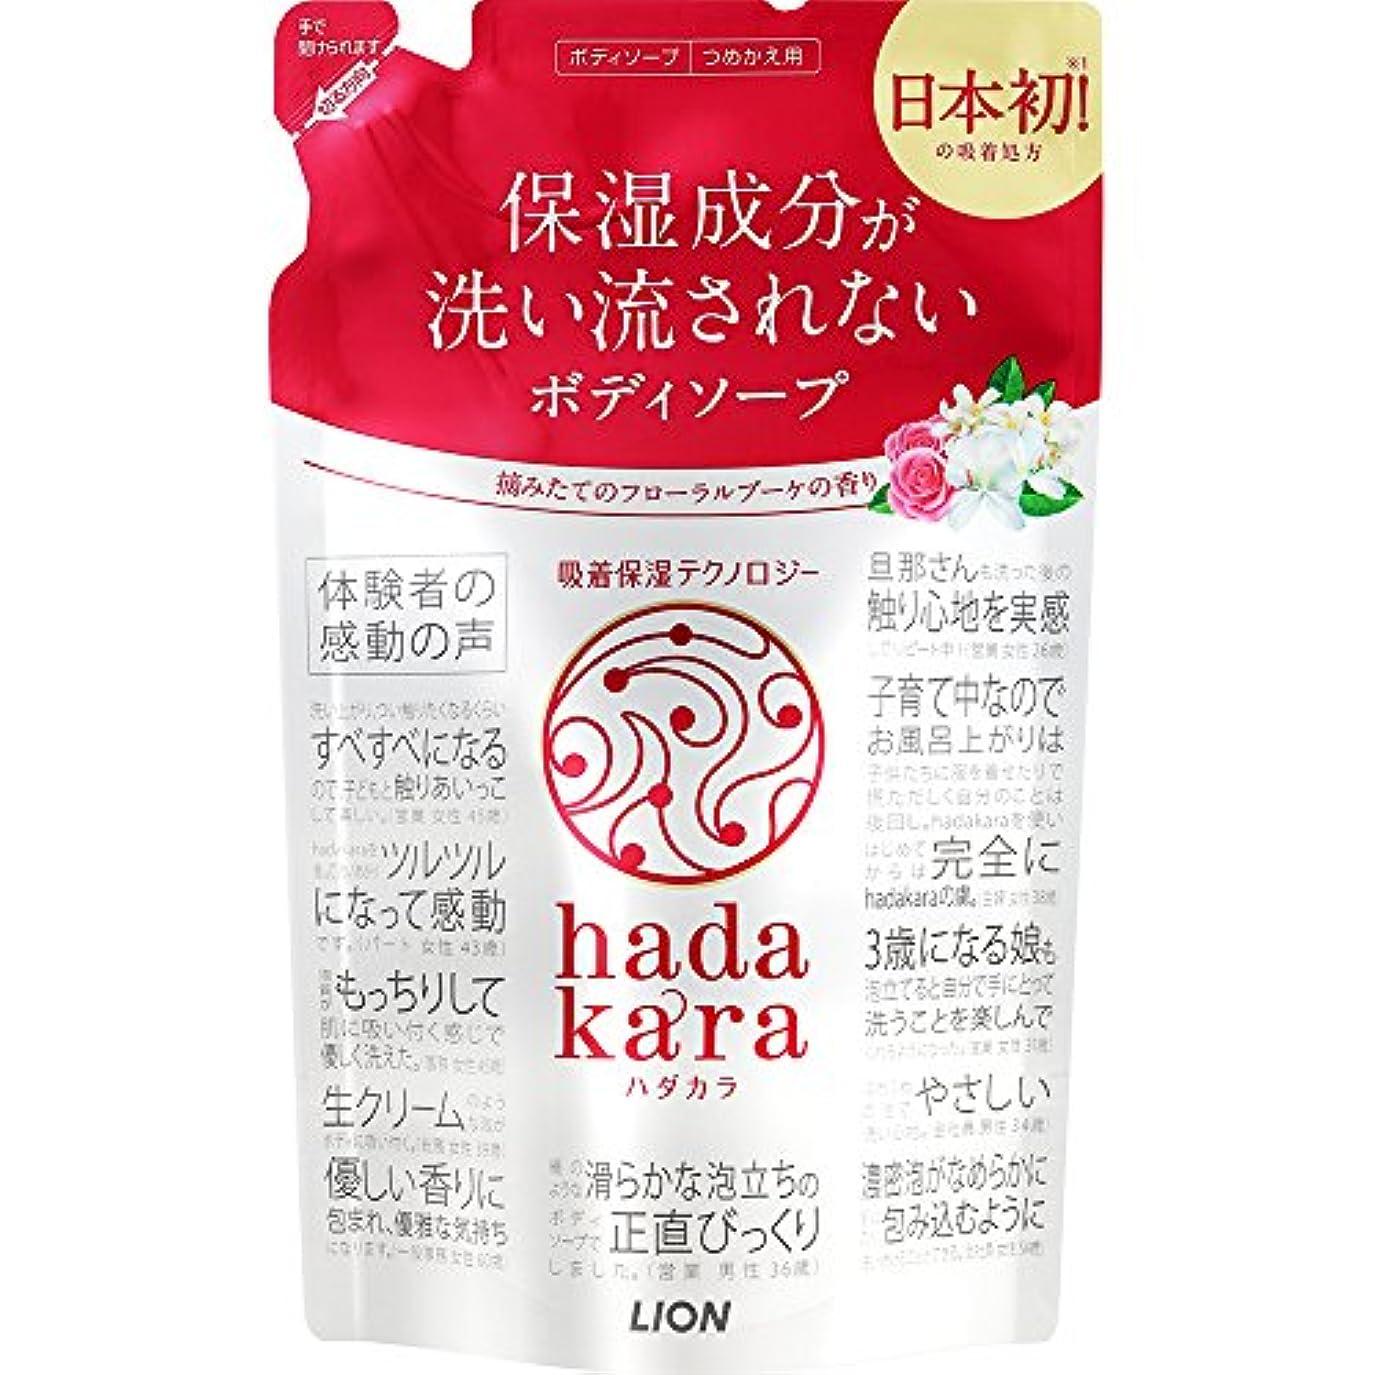 からかう高齢者退屈させるhadakara(ハダカラ) ボディソープ フローラルブーケの香り 詰め替え 360ml